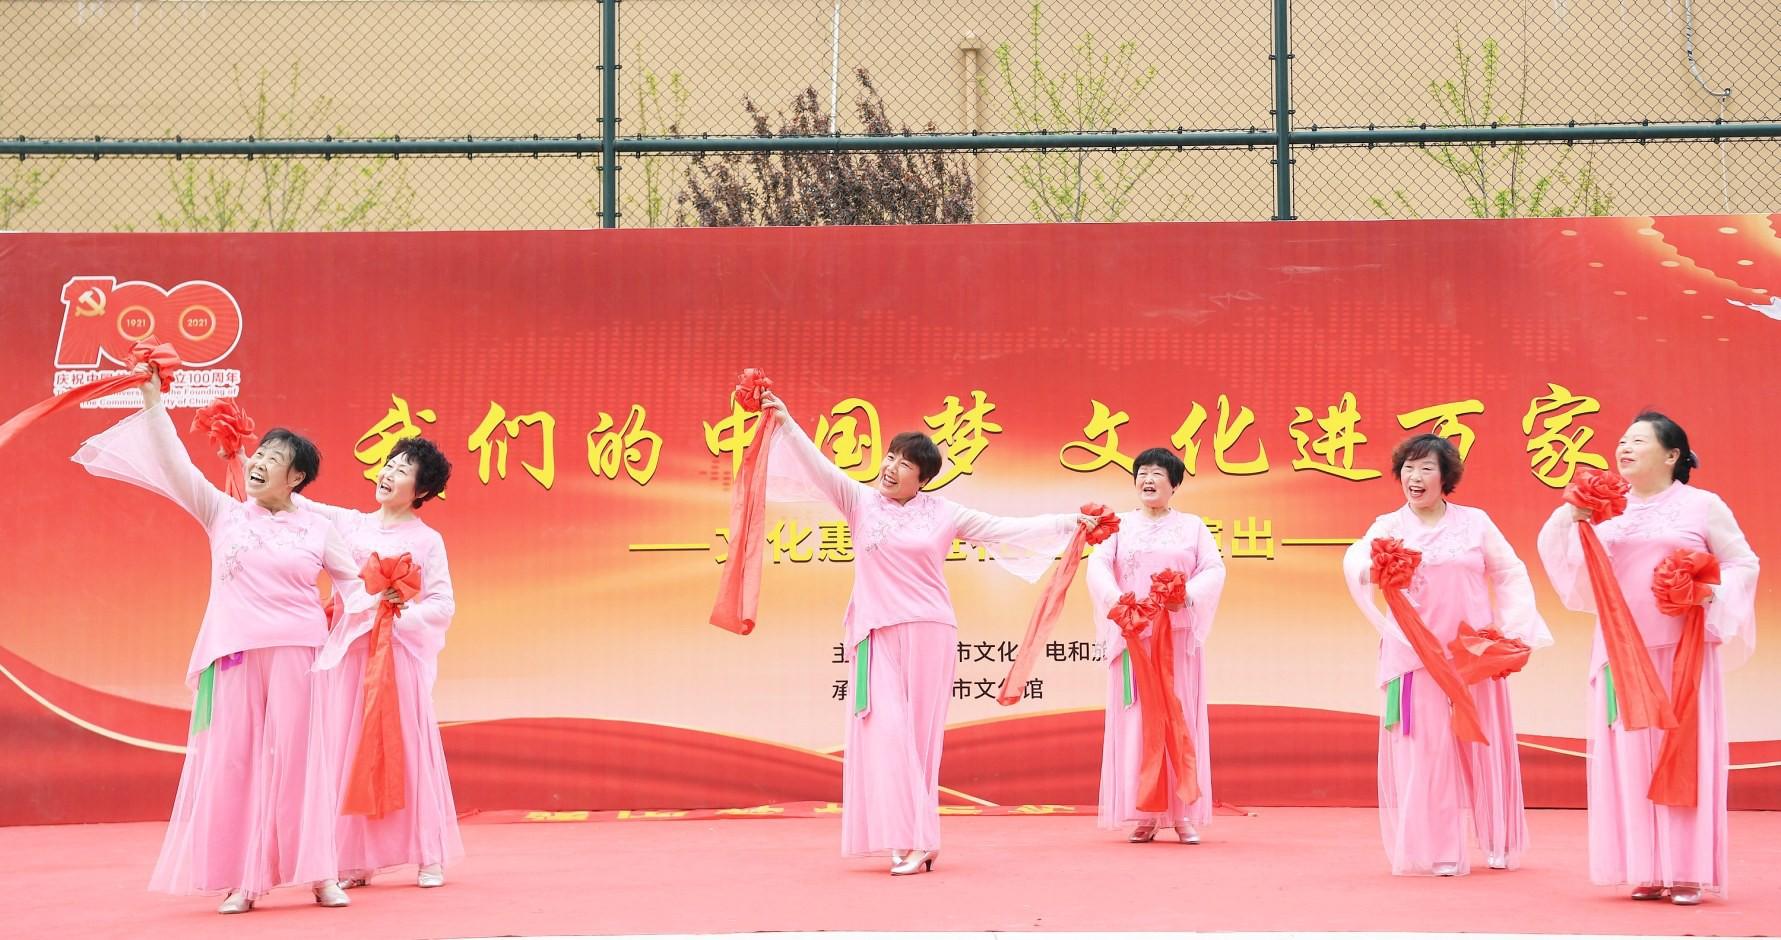 """庆祝中国共产党成立100周年""""我们的中国梦文化进万家""""文化惠民文艺演出走进缔景城社区"""